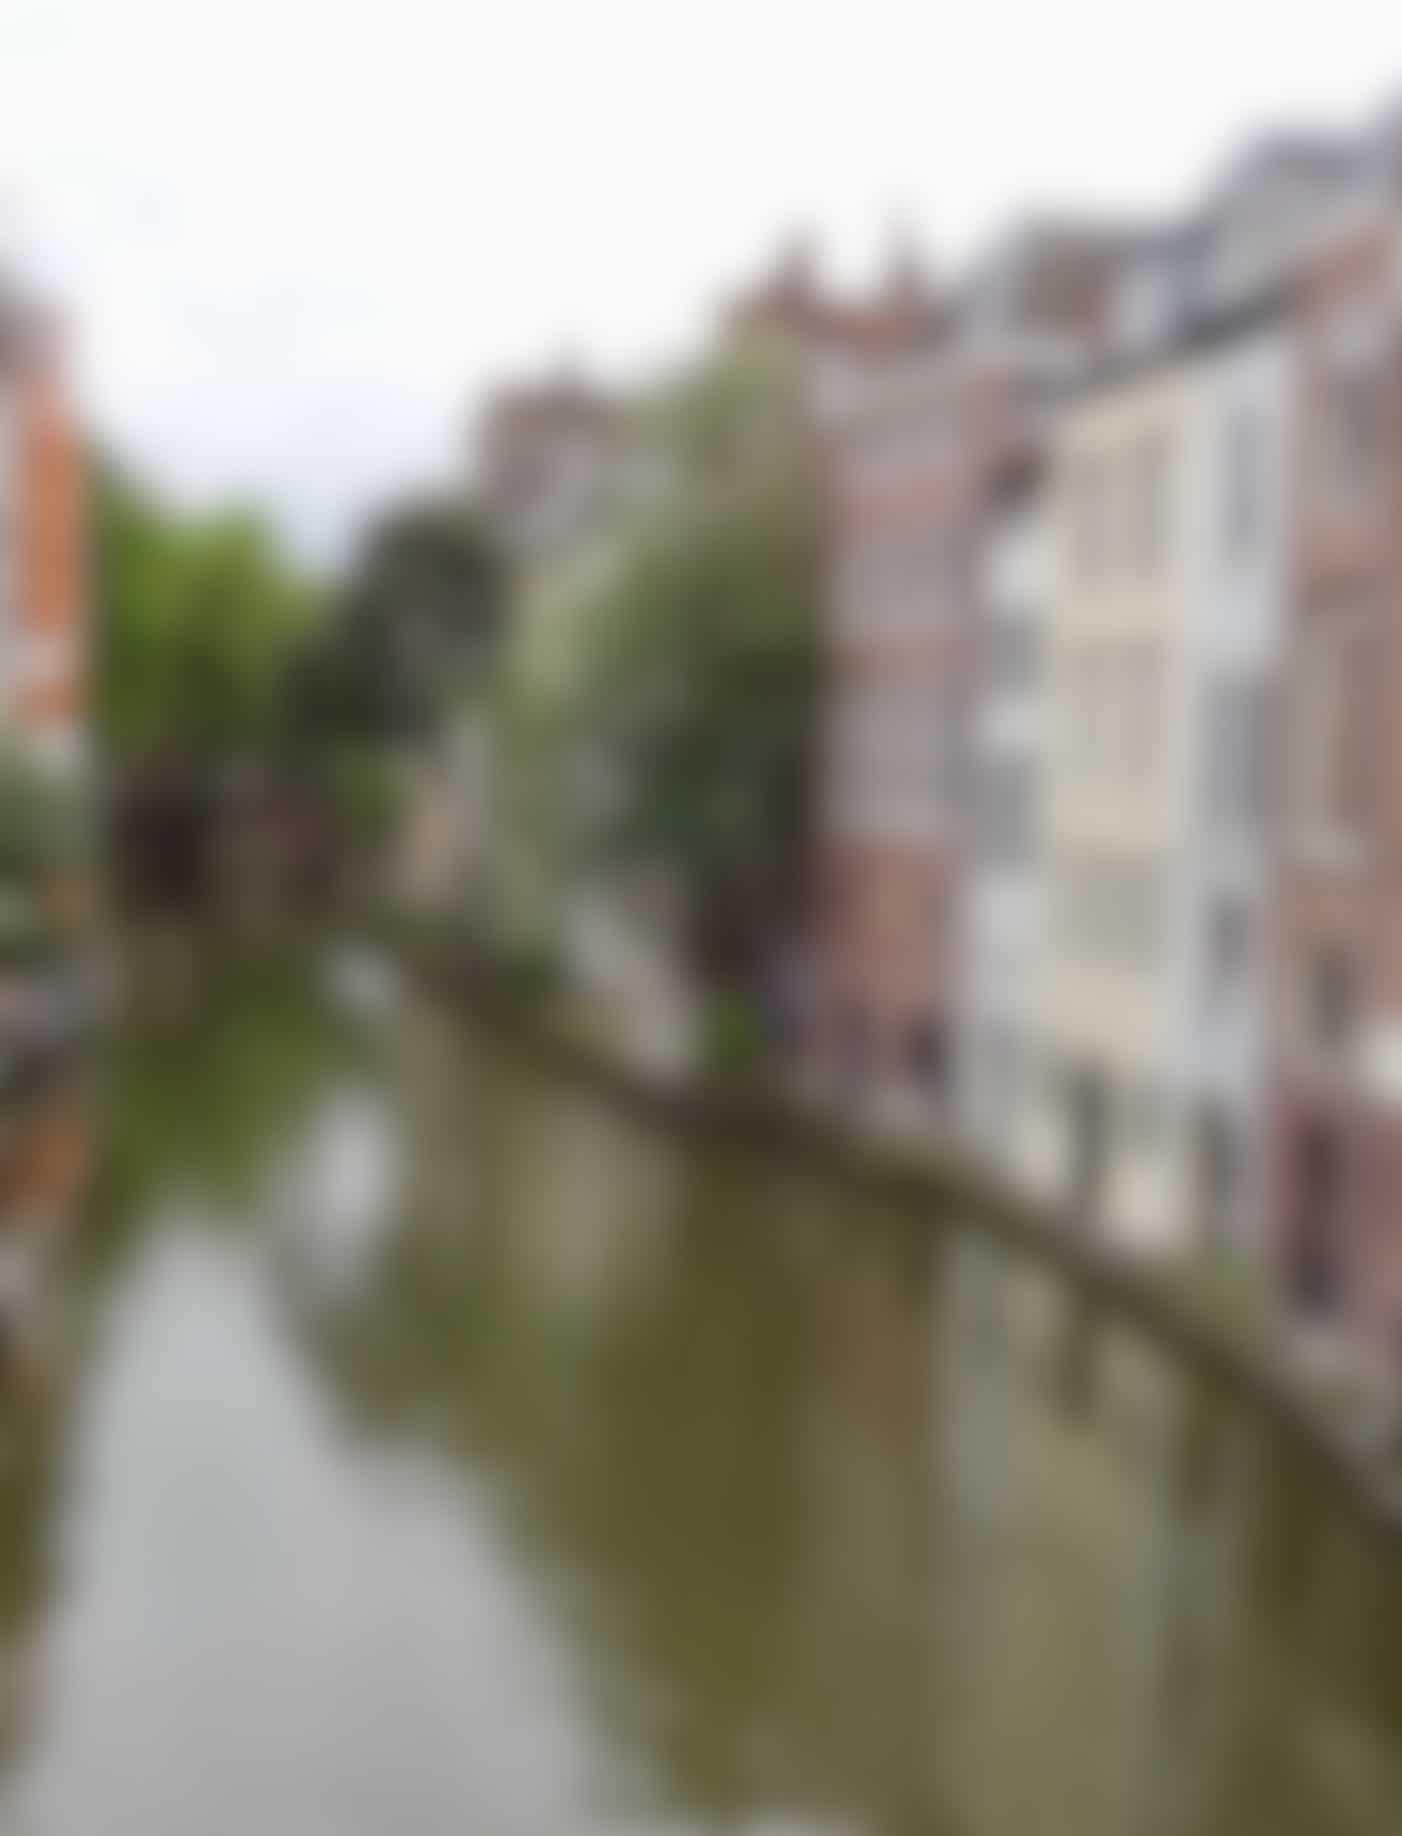 Onderzoek naar vrijwilligerswerk in Utrecht, in samenwerking met studenten en andere partners.